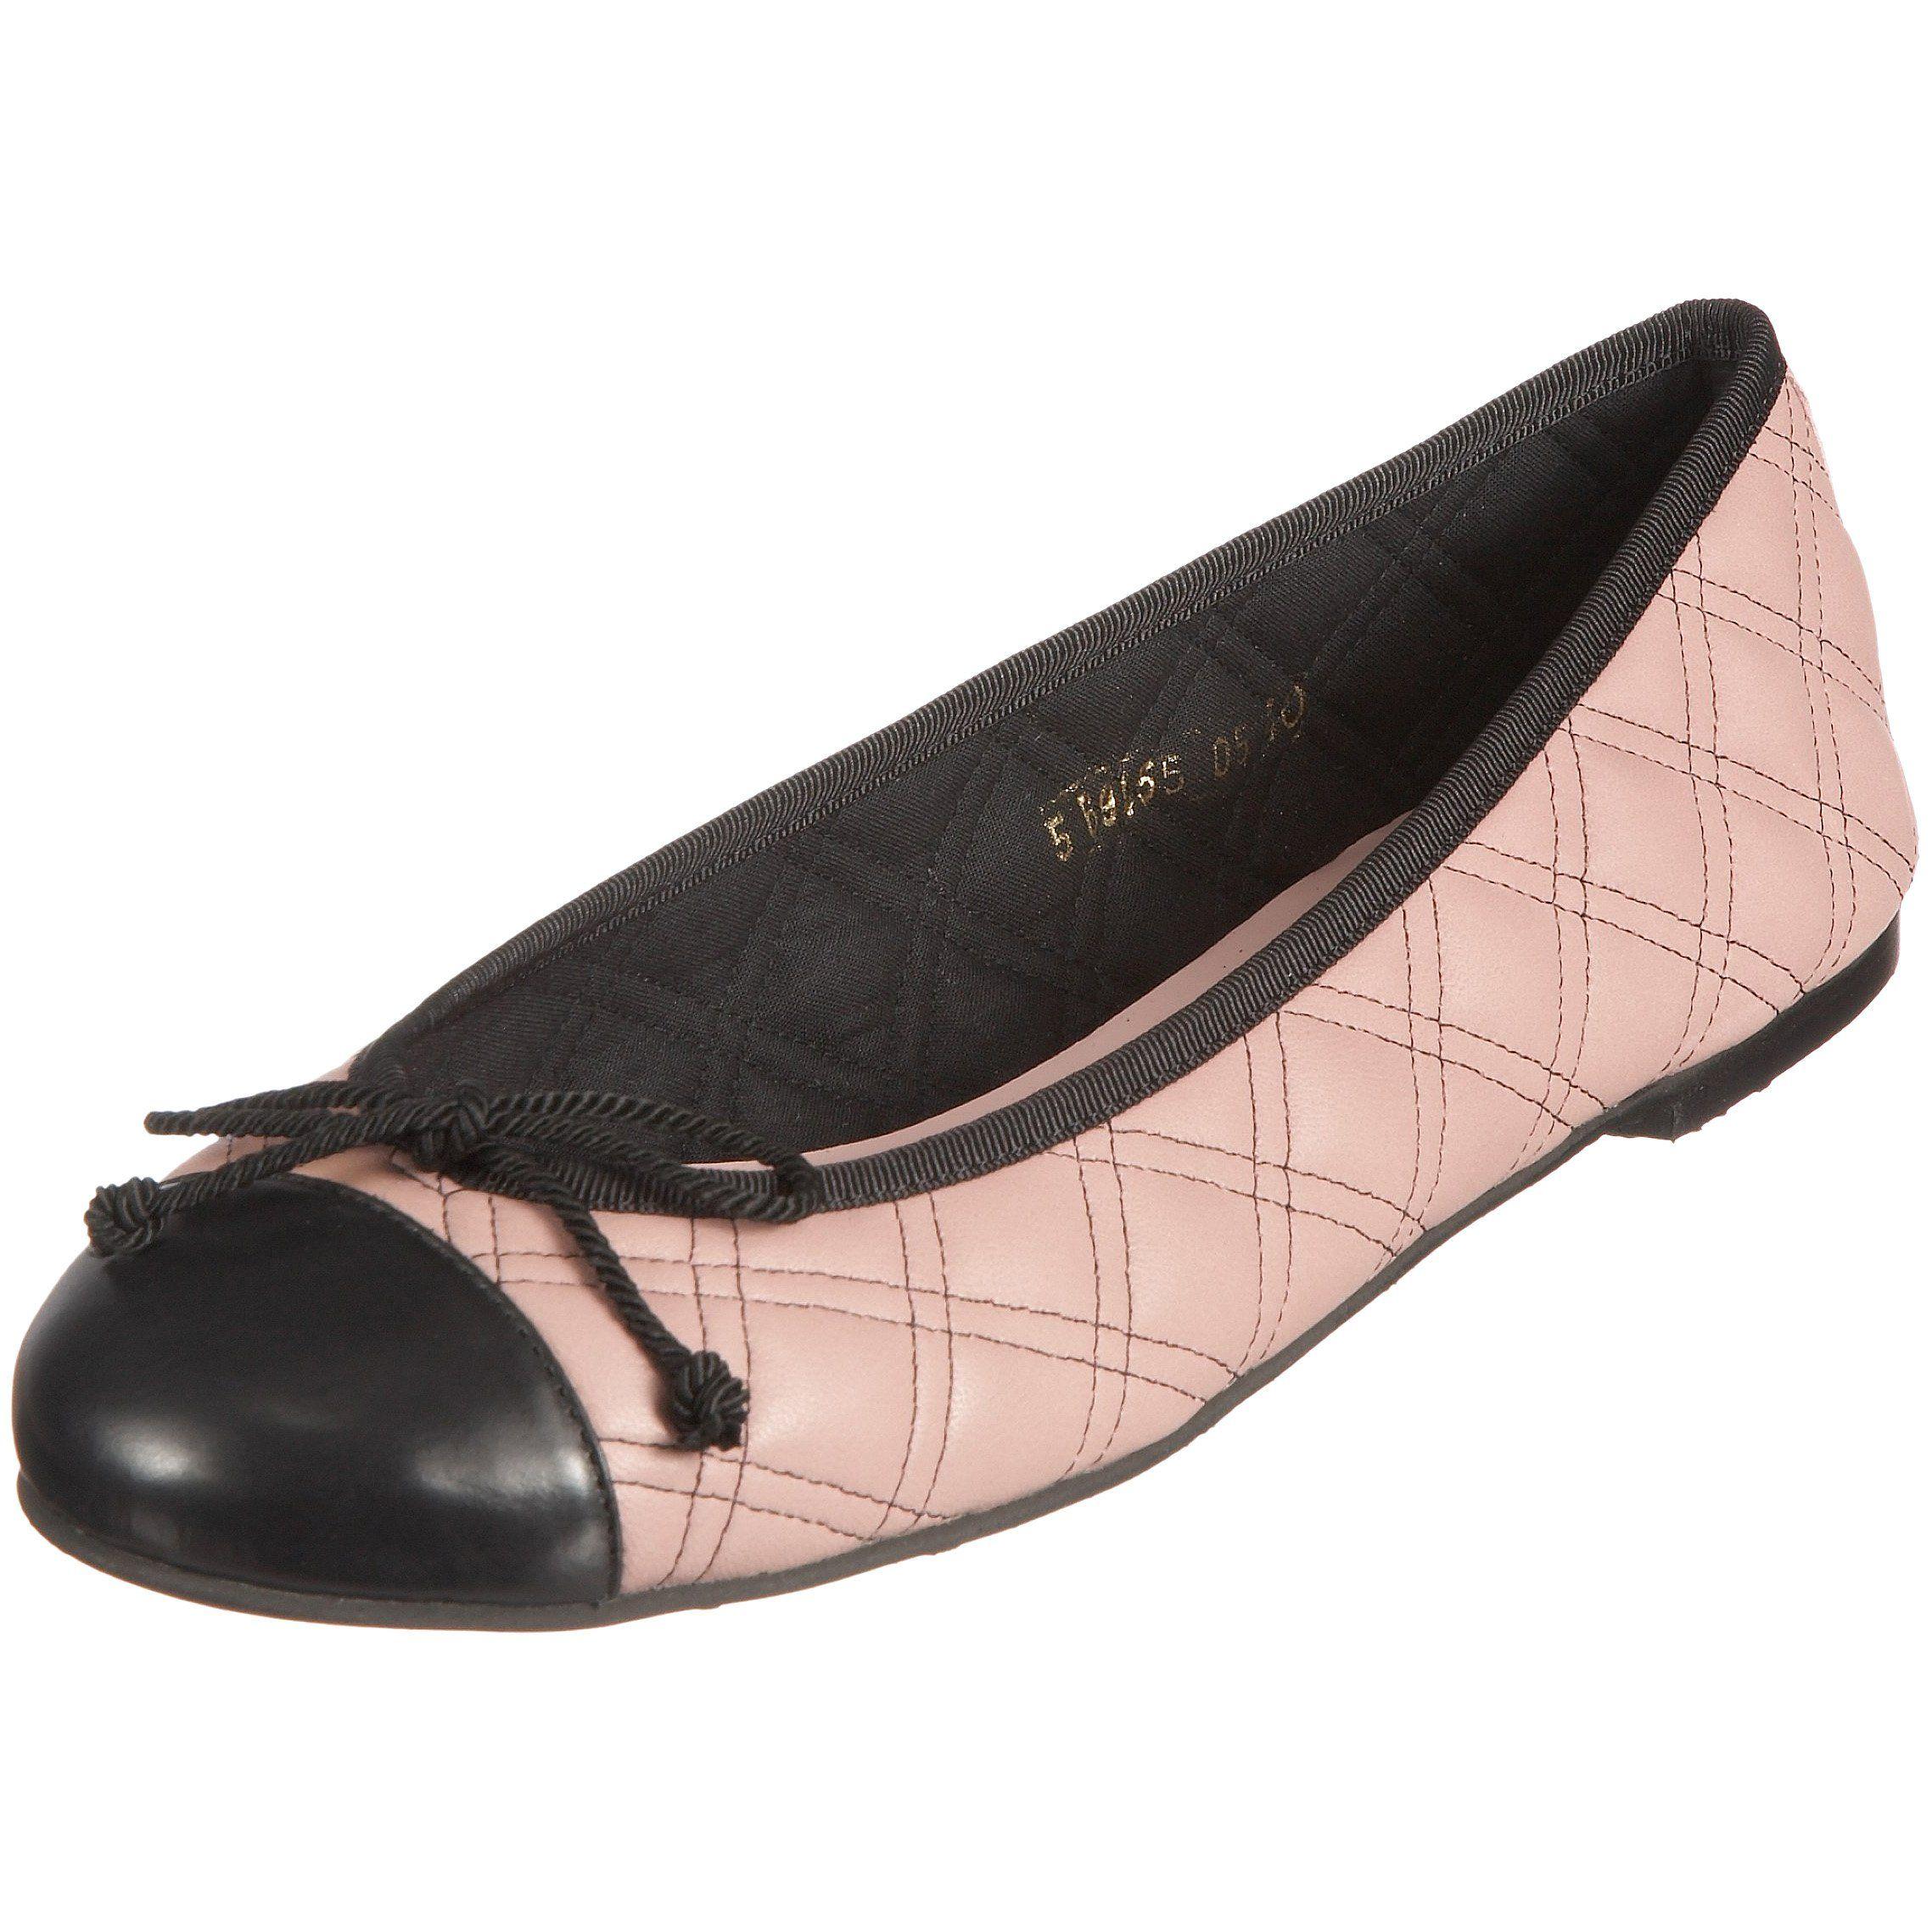 bf50975908a Pretty Ballerinas 38748 - Becerrito Negro + Coton Drome - Bailarinas para  mujer, color gris, talla 37: Amazon.es: Zapatos y complementos